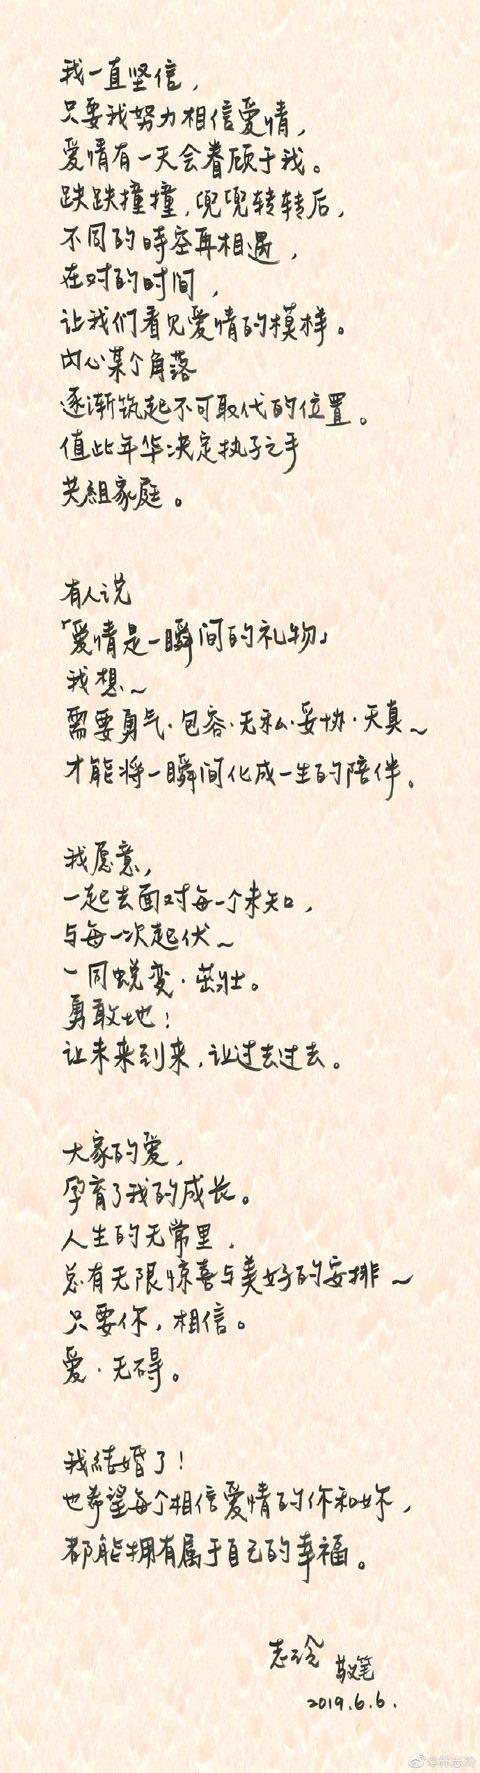 林志玲閃婚放浪兄弟成員AKIRA :「我結婚了!在對的時間,讓我們看見愛情的模樣。」